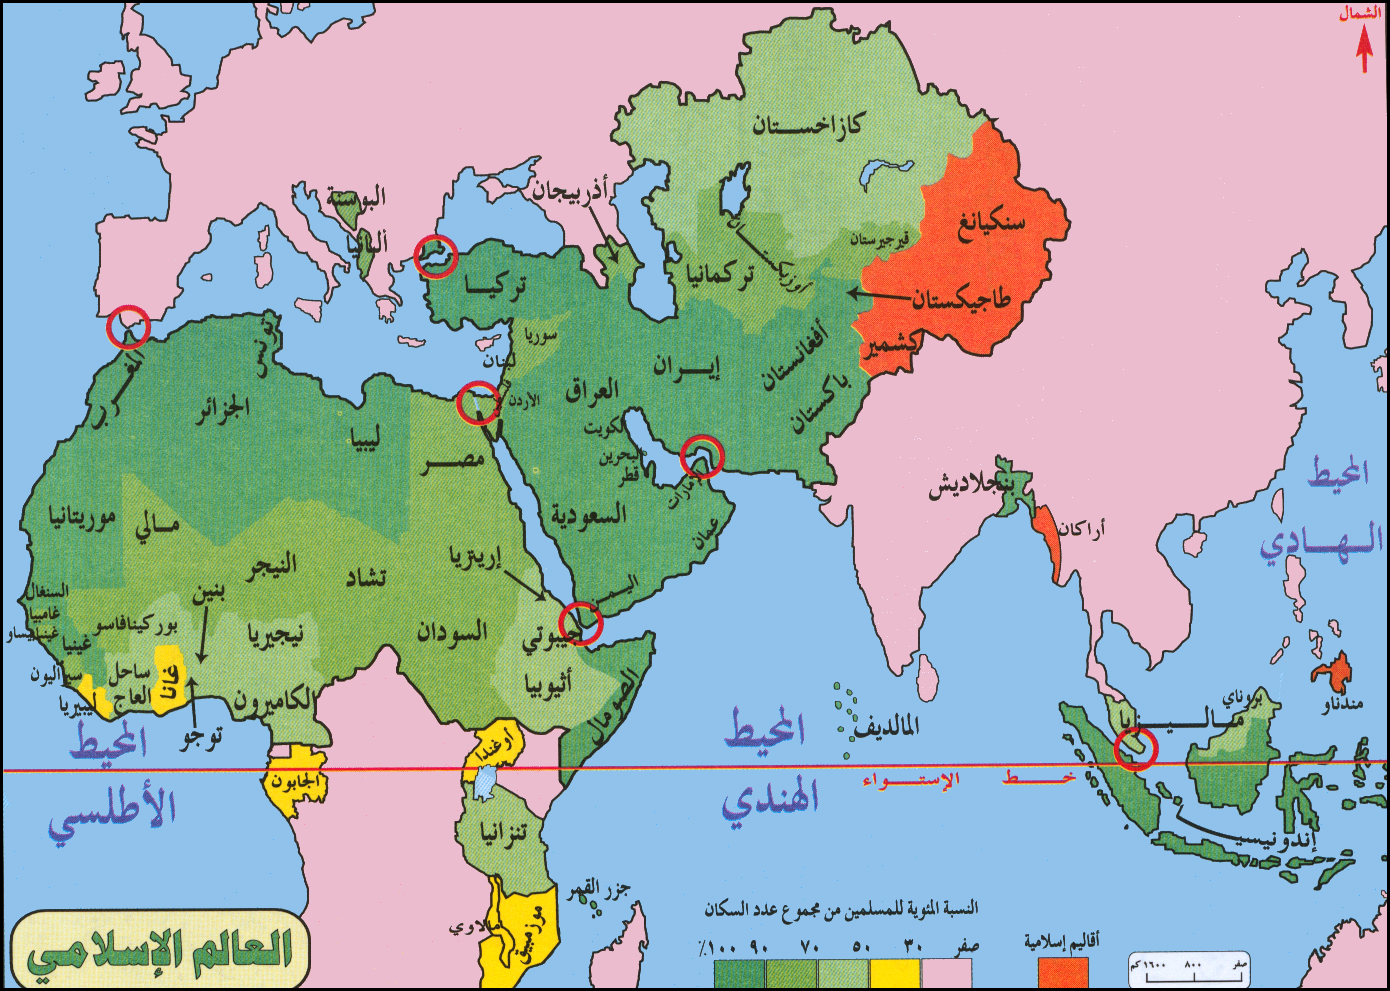 خريطة العالم الاسلامي صماء المرسال